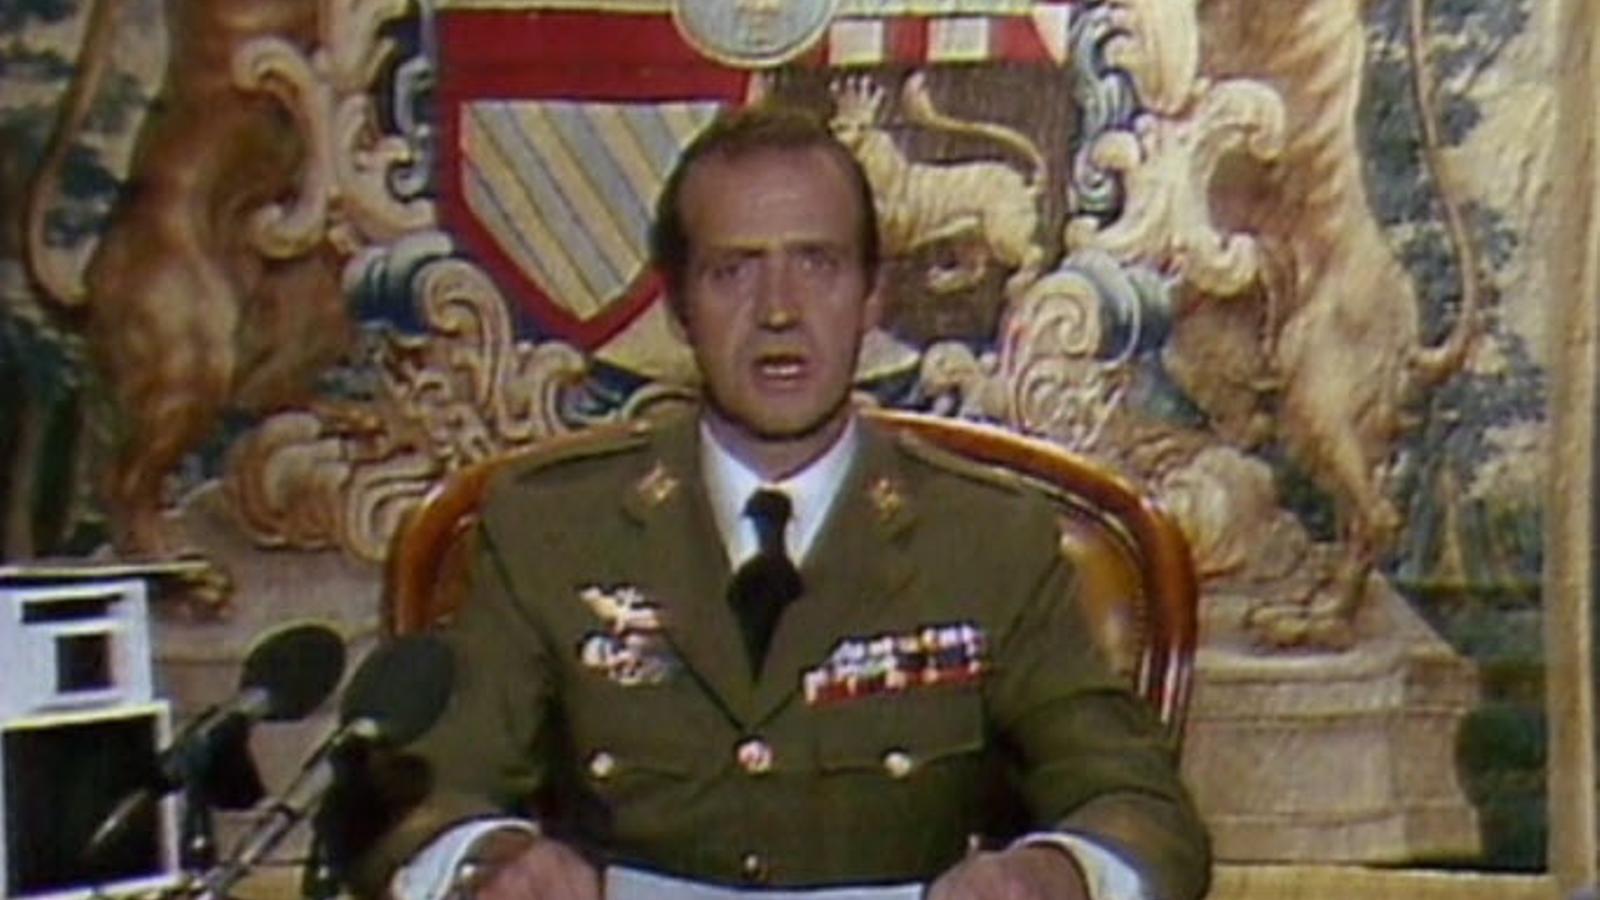 Imatge del discurs del rei d'Espanya, que apareix al fals documental d'Évole | LA SEXTA